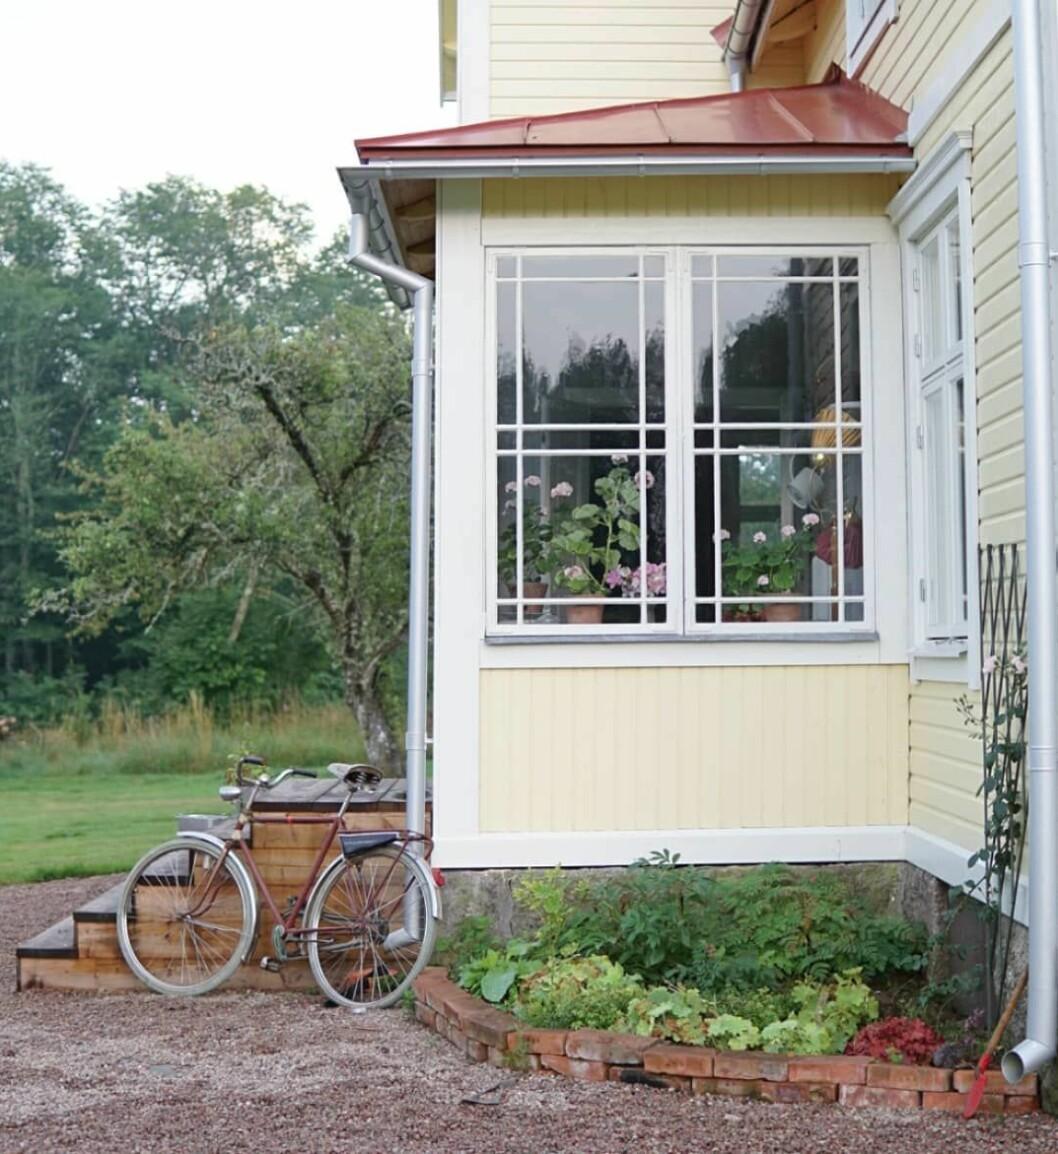 Husets glasveranda efter renoveringen.